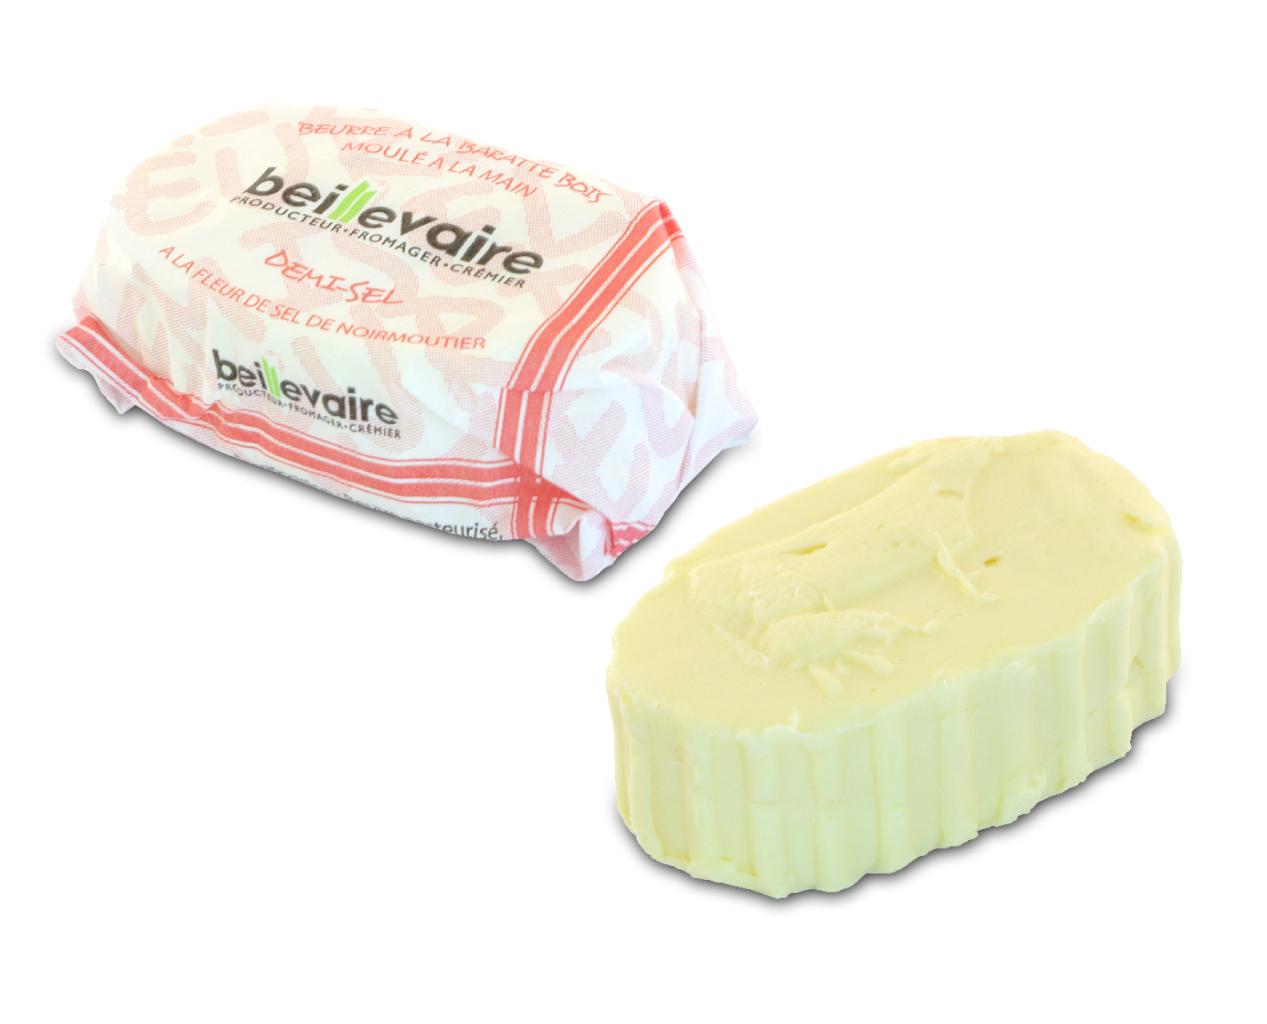 Beurre artisanal pasteurisé demi-sel, Beillevaire (125 g)